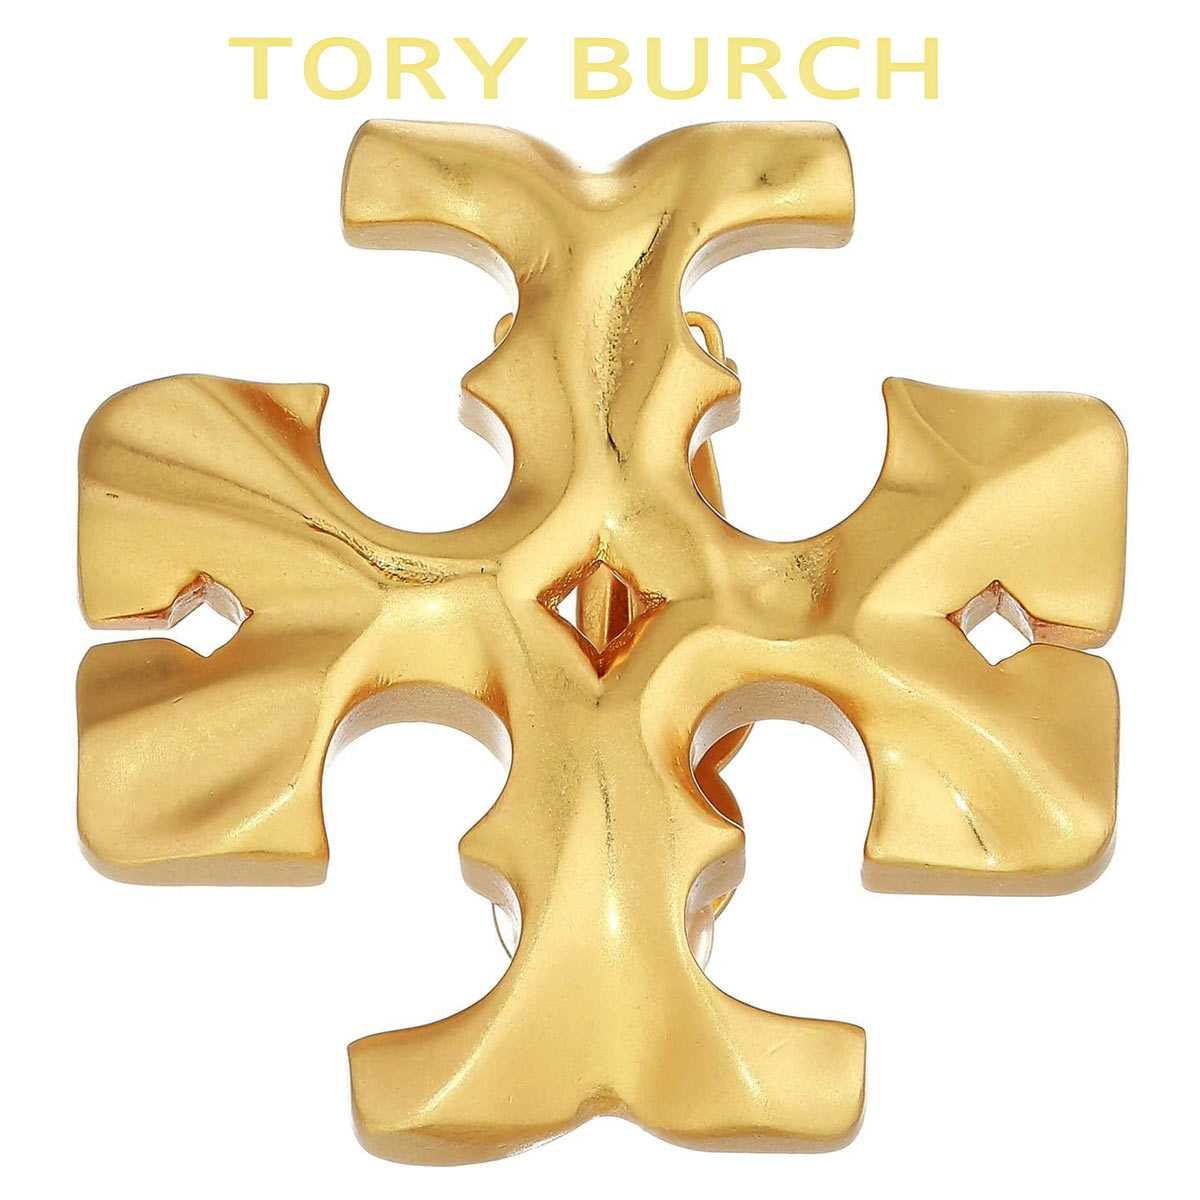 トリーバーチ 最安値 イヤリング レディース スタッズ 小さい 商舗 シンプル かわいい Tory Burch プレゼント 個性的